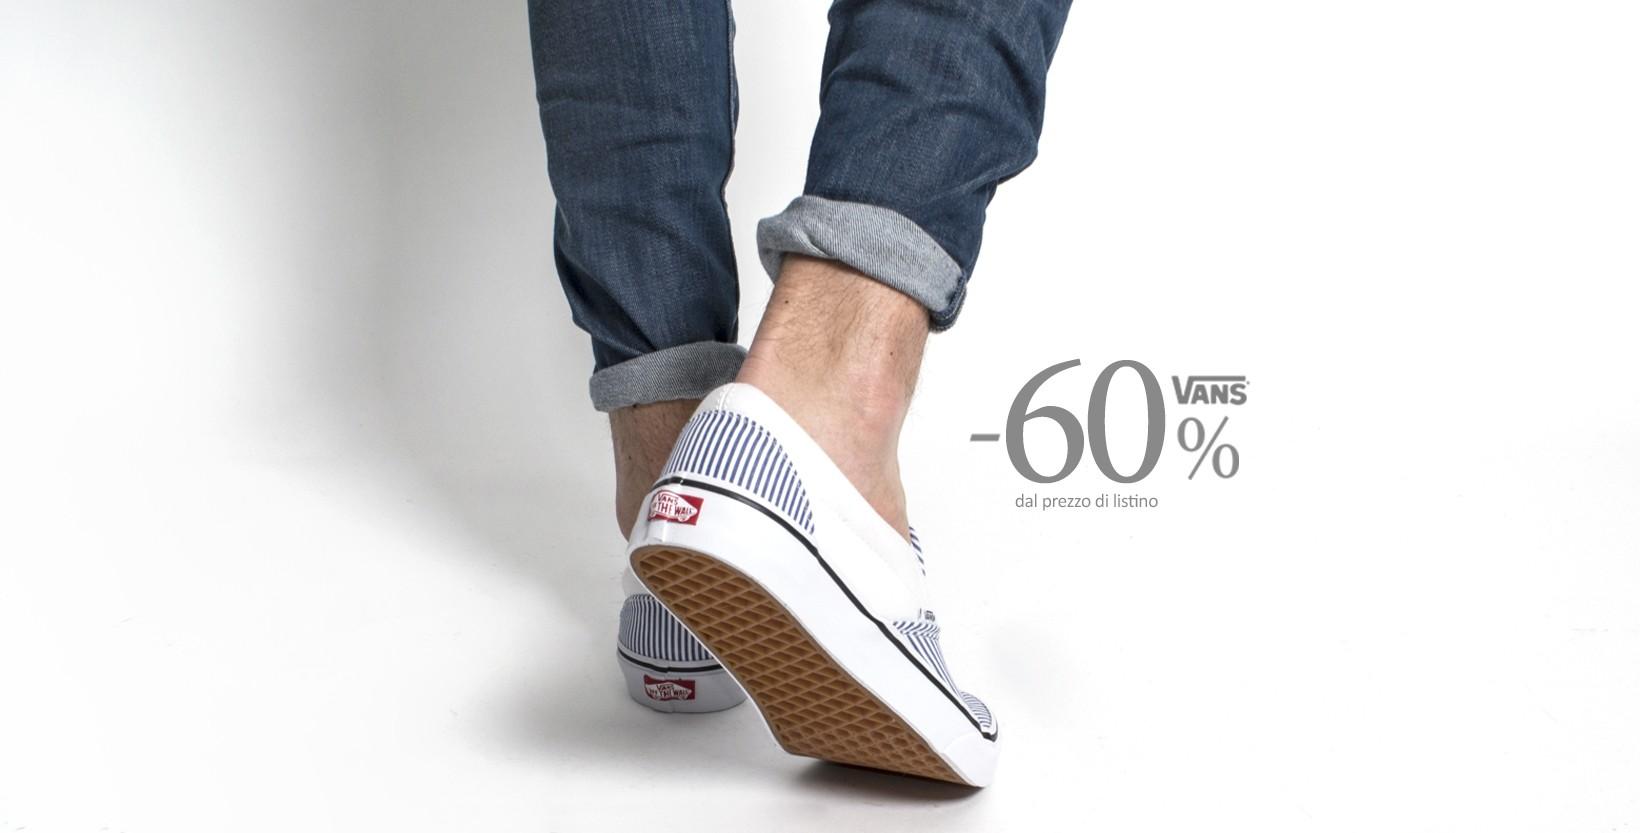 Promo Vans -60%